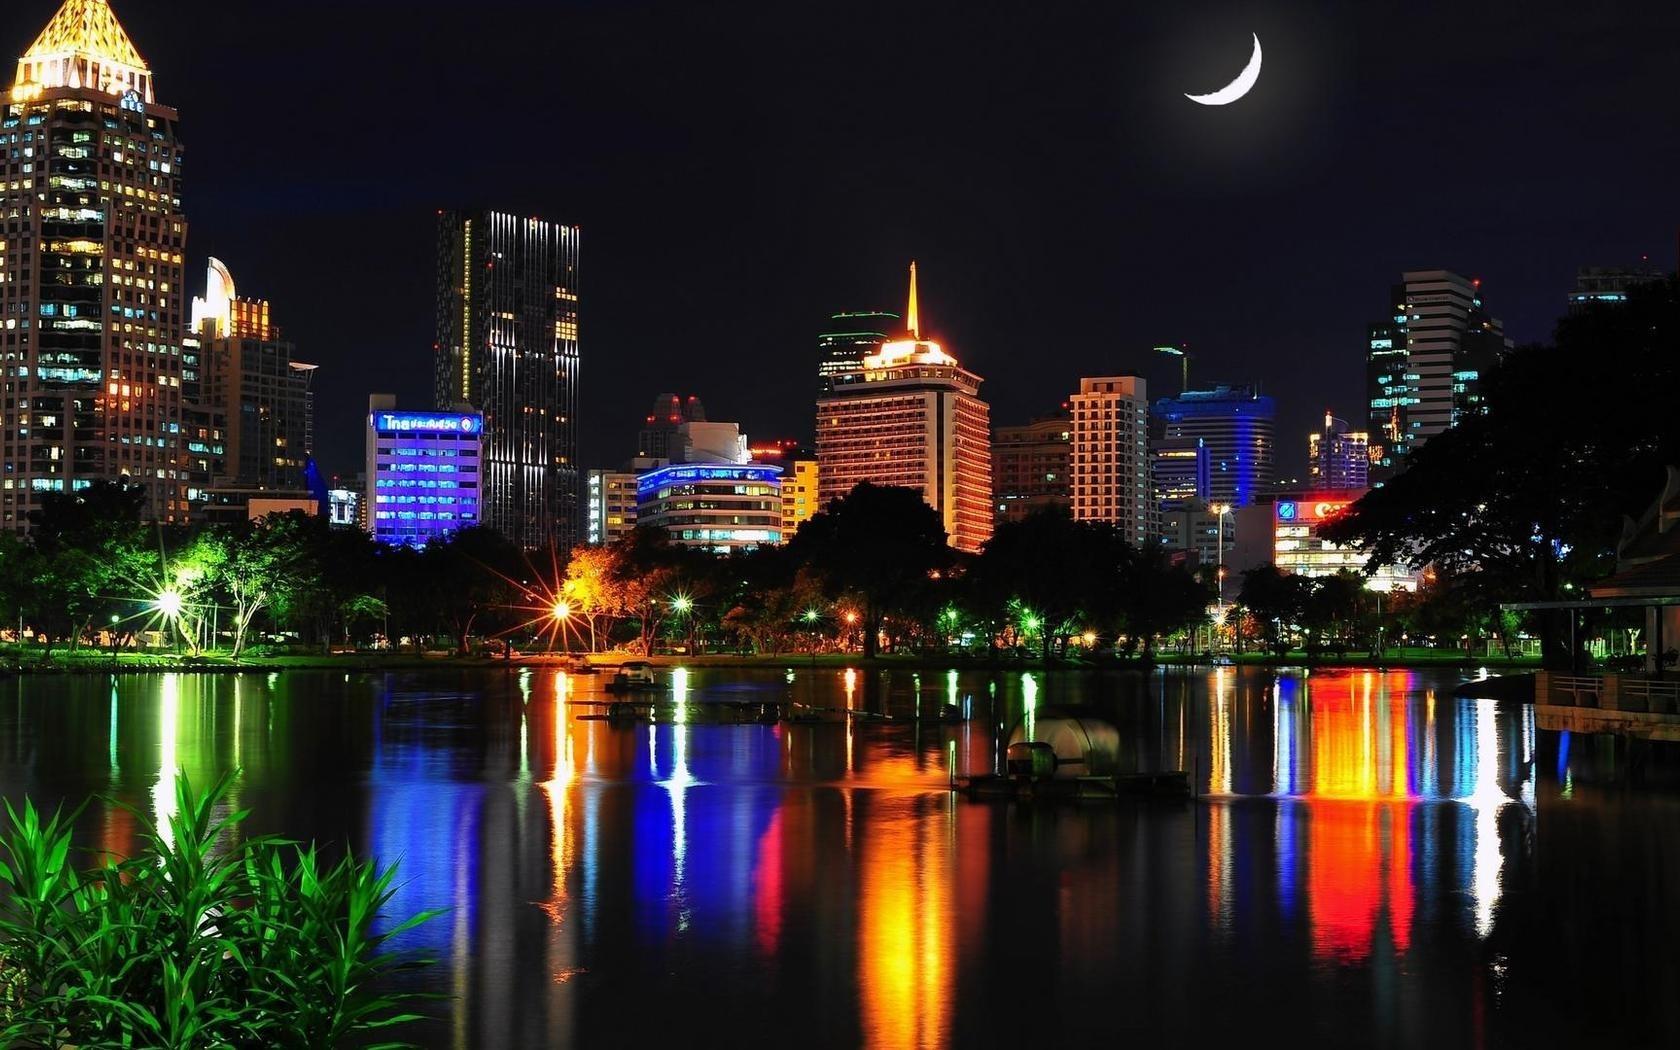 壁紙 バンコク タイ 都市の夜 建物 家 ライト 湖 夜 1680x1050